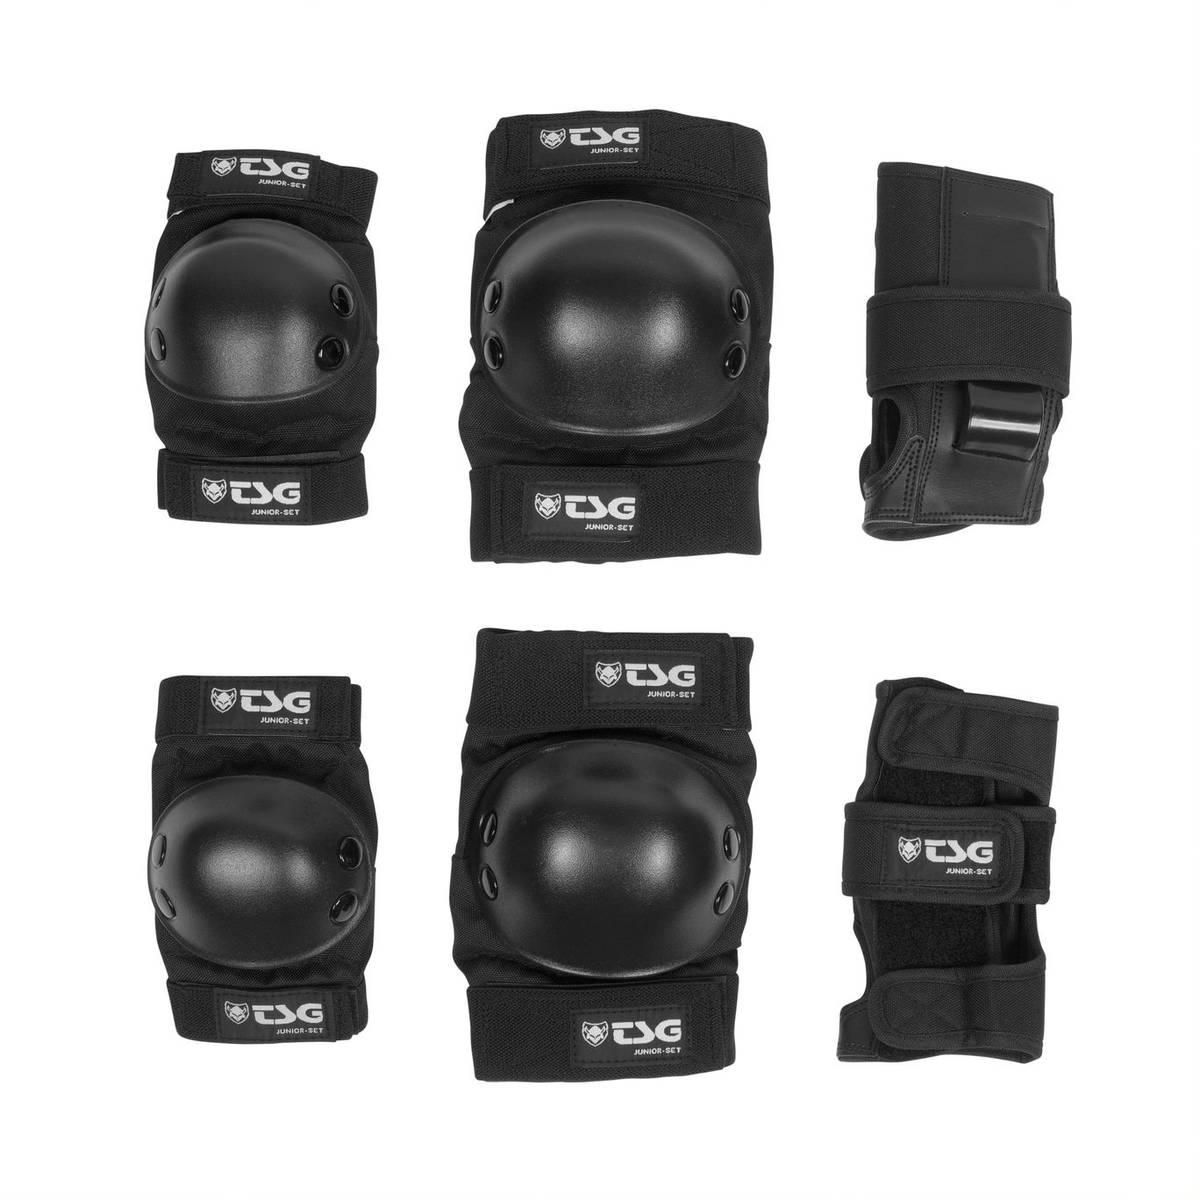 TSG Junior Set Orginal Black One Size